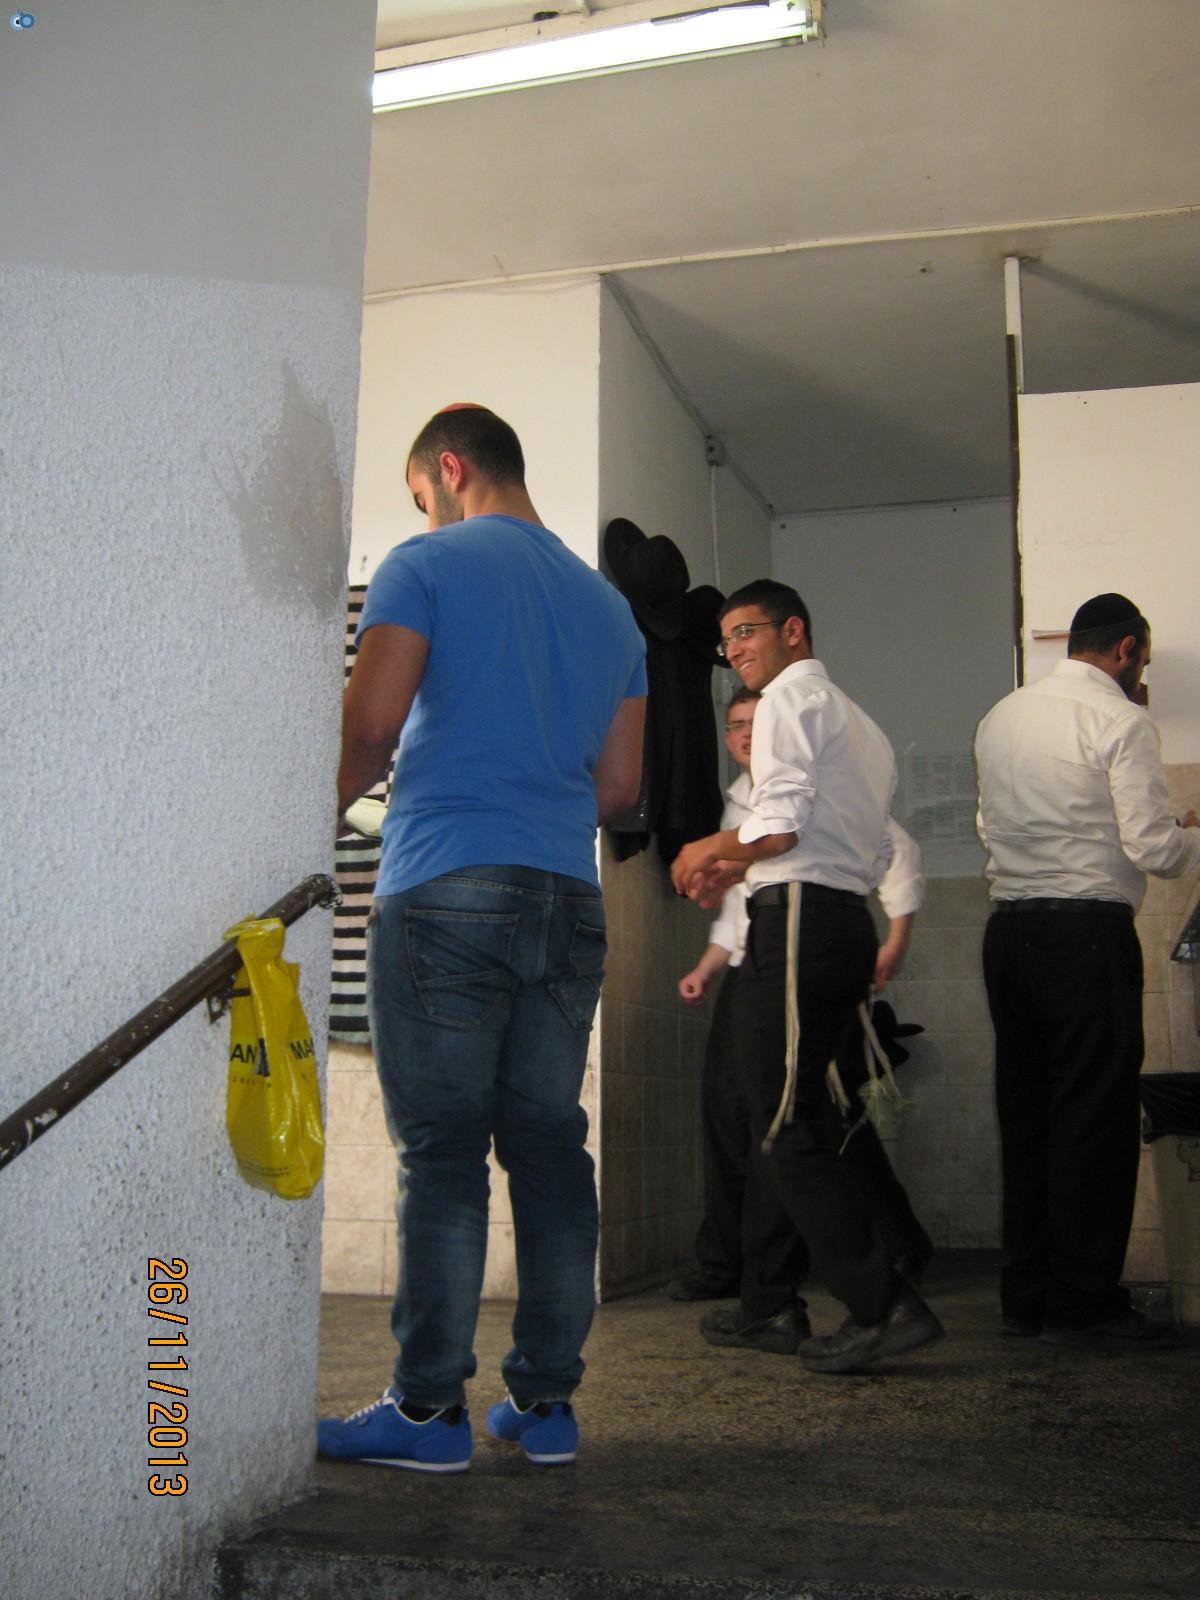 אחד מהפקחים שומר בכניסה לישיבה (3)